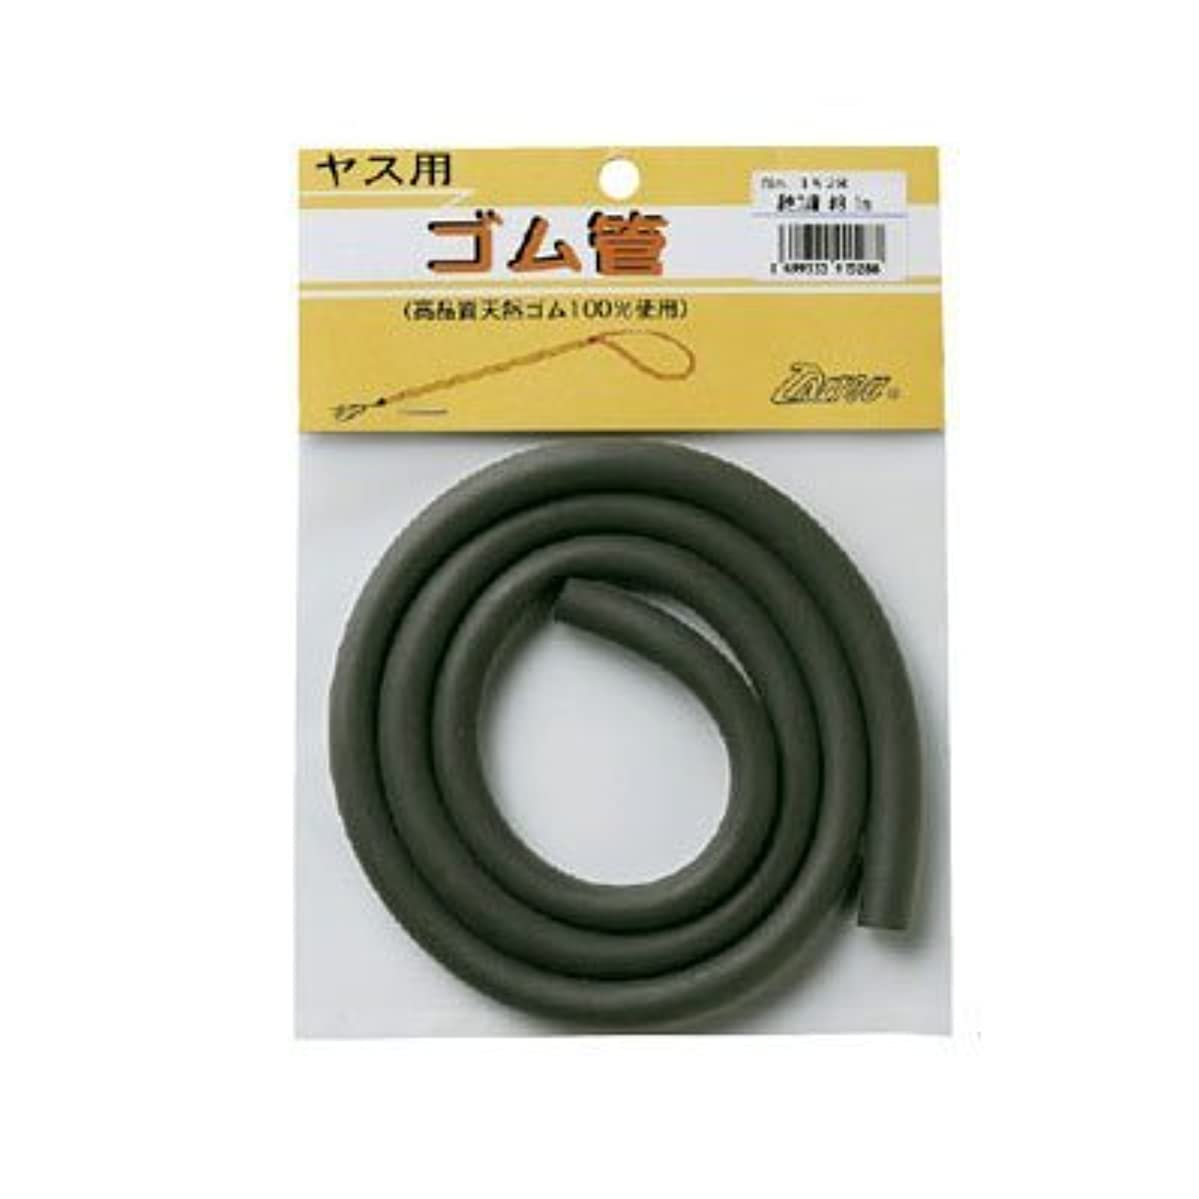 スマッシュ送信する離れてDAITOU(ダイトウブク) 黒色ゴム管#7 2m